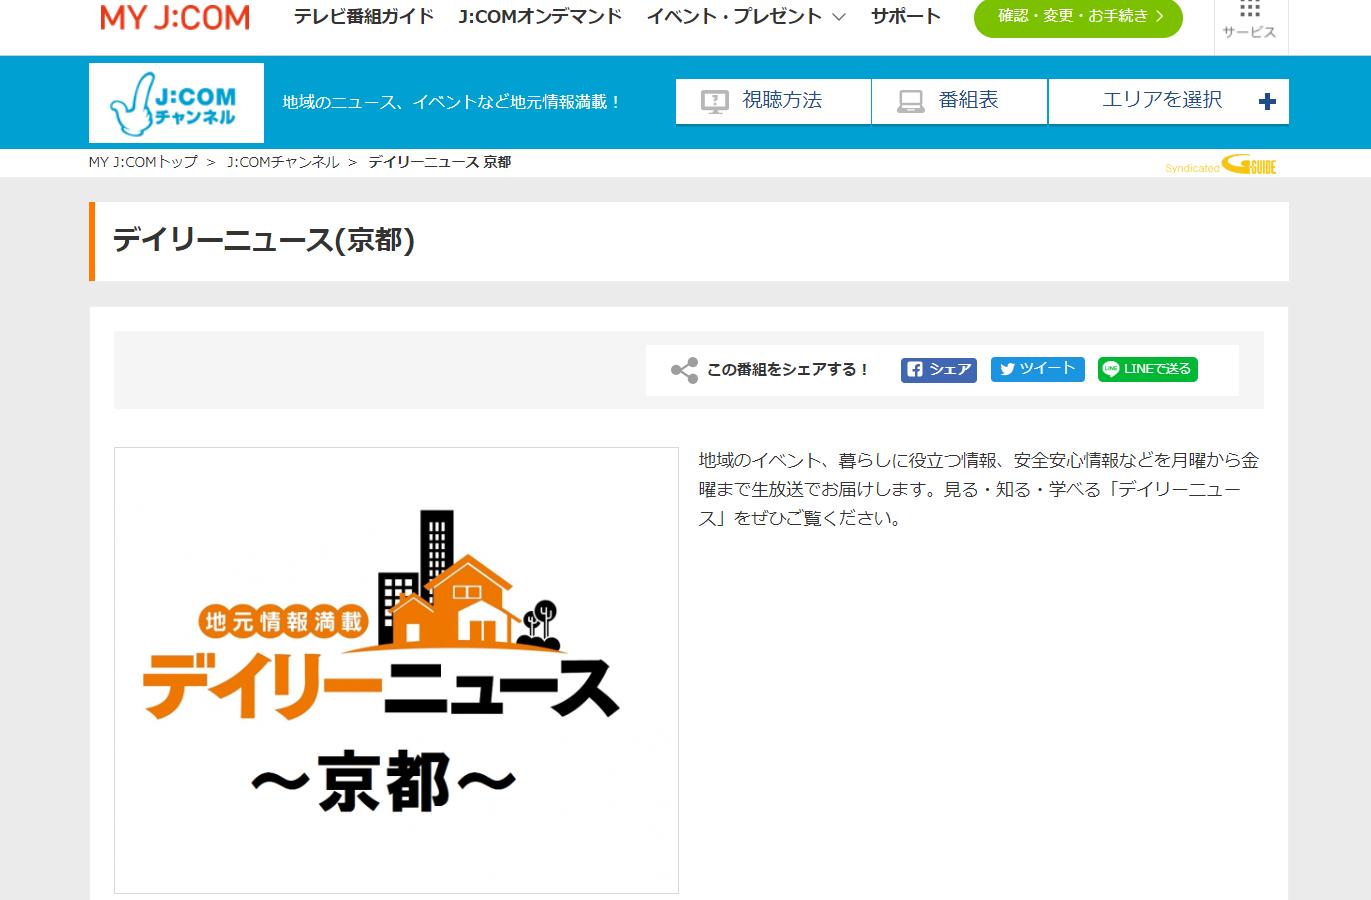 J:COM京都のコミュニティチャンネルの番組例